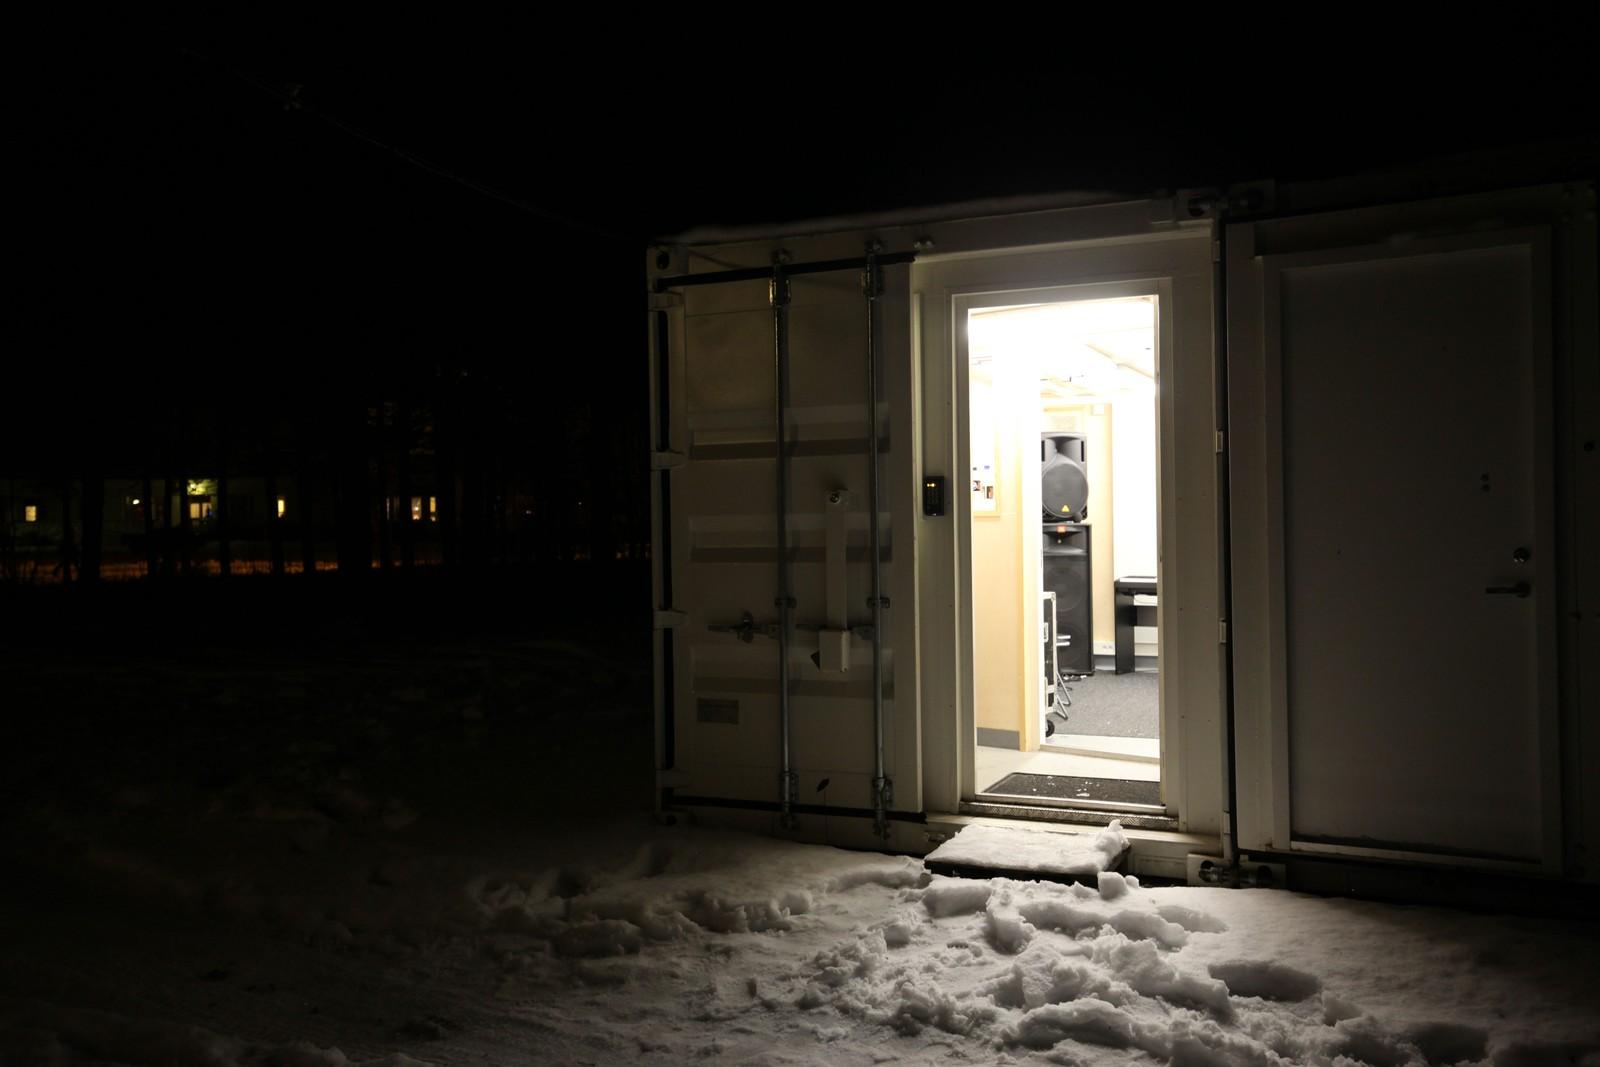 Saltdal kommune har investert i en rockebinge. Etter konsept fra ballbingene, er dette et øvingsrom for band og musikere som kan låse seg inn i en lydisolert, fullt utstyrt container med trommesett, gitarer og lydanlegg.